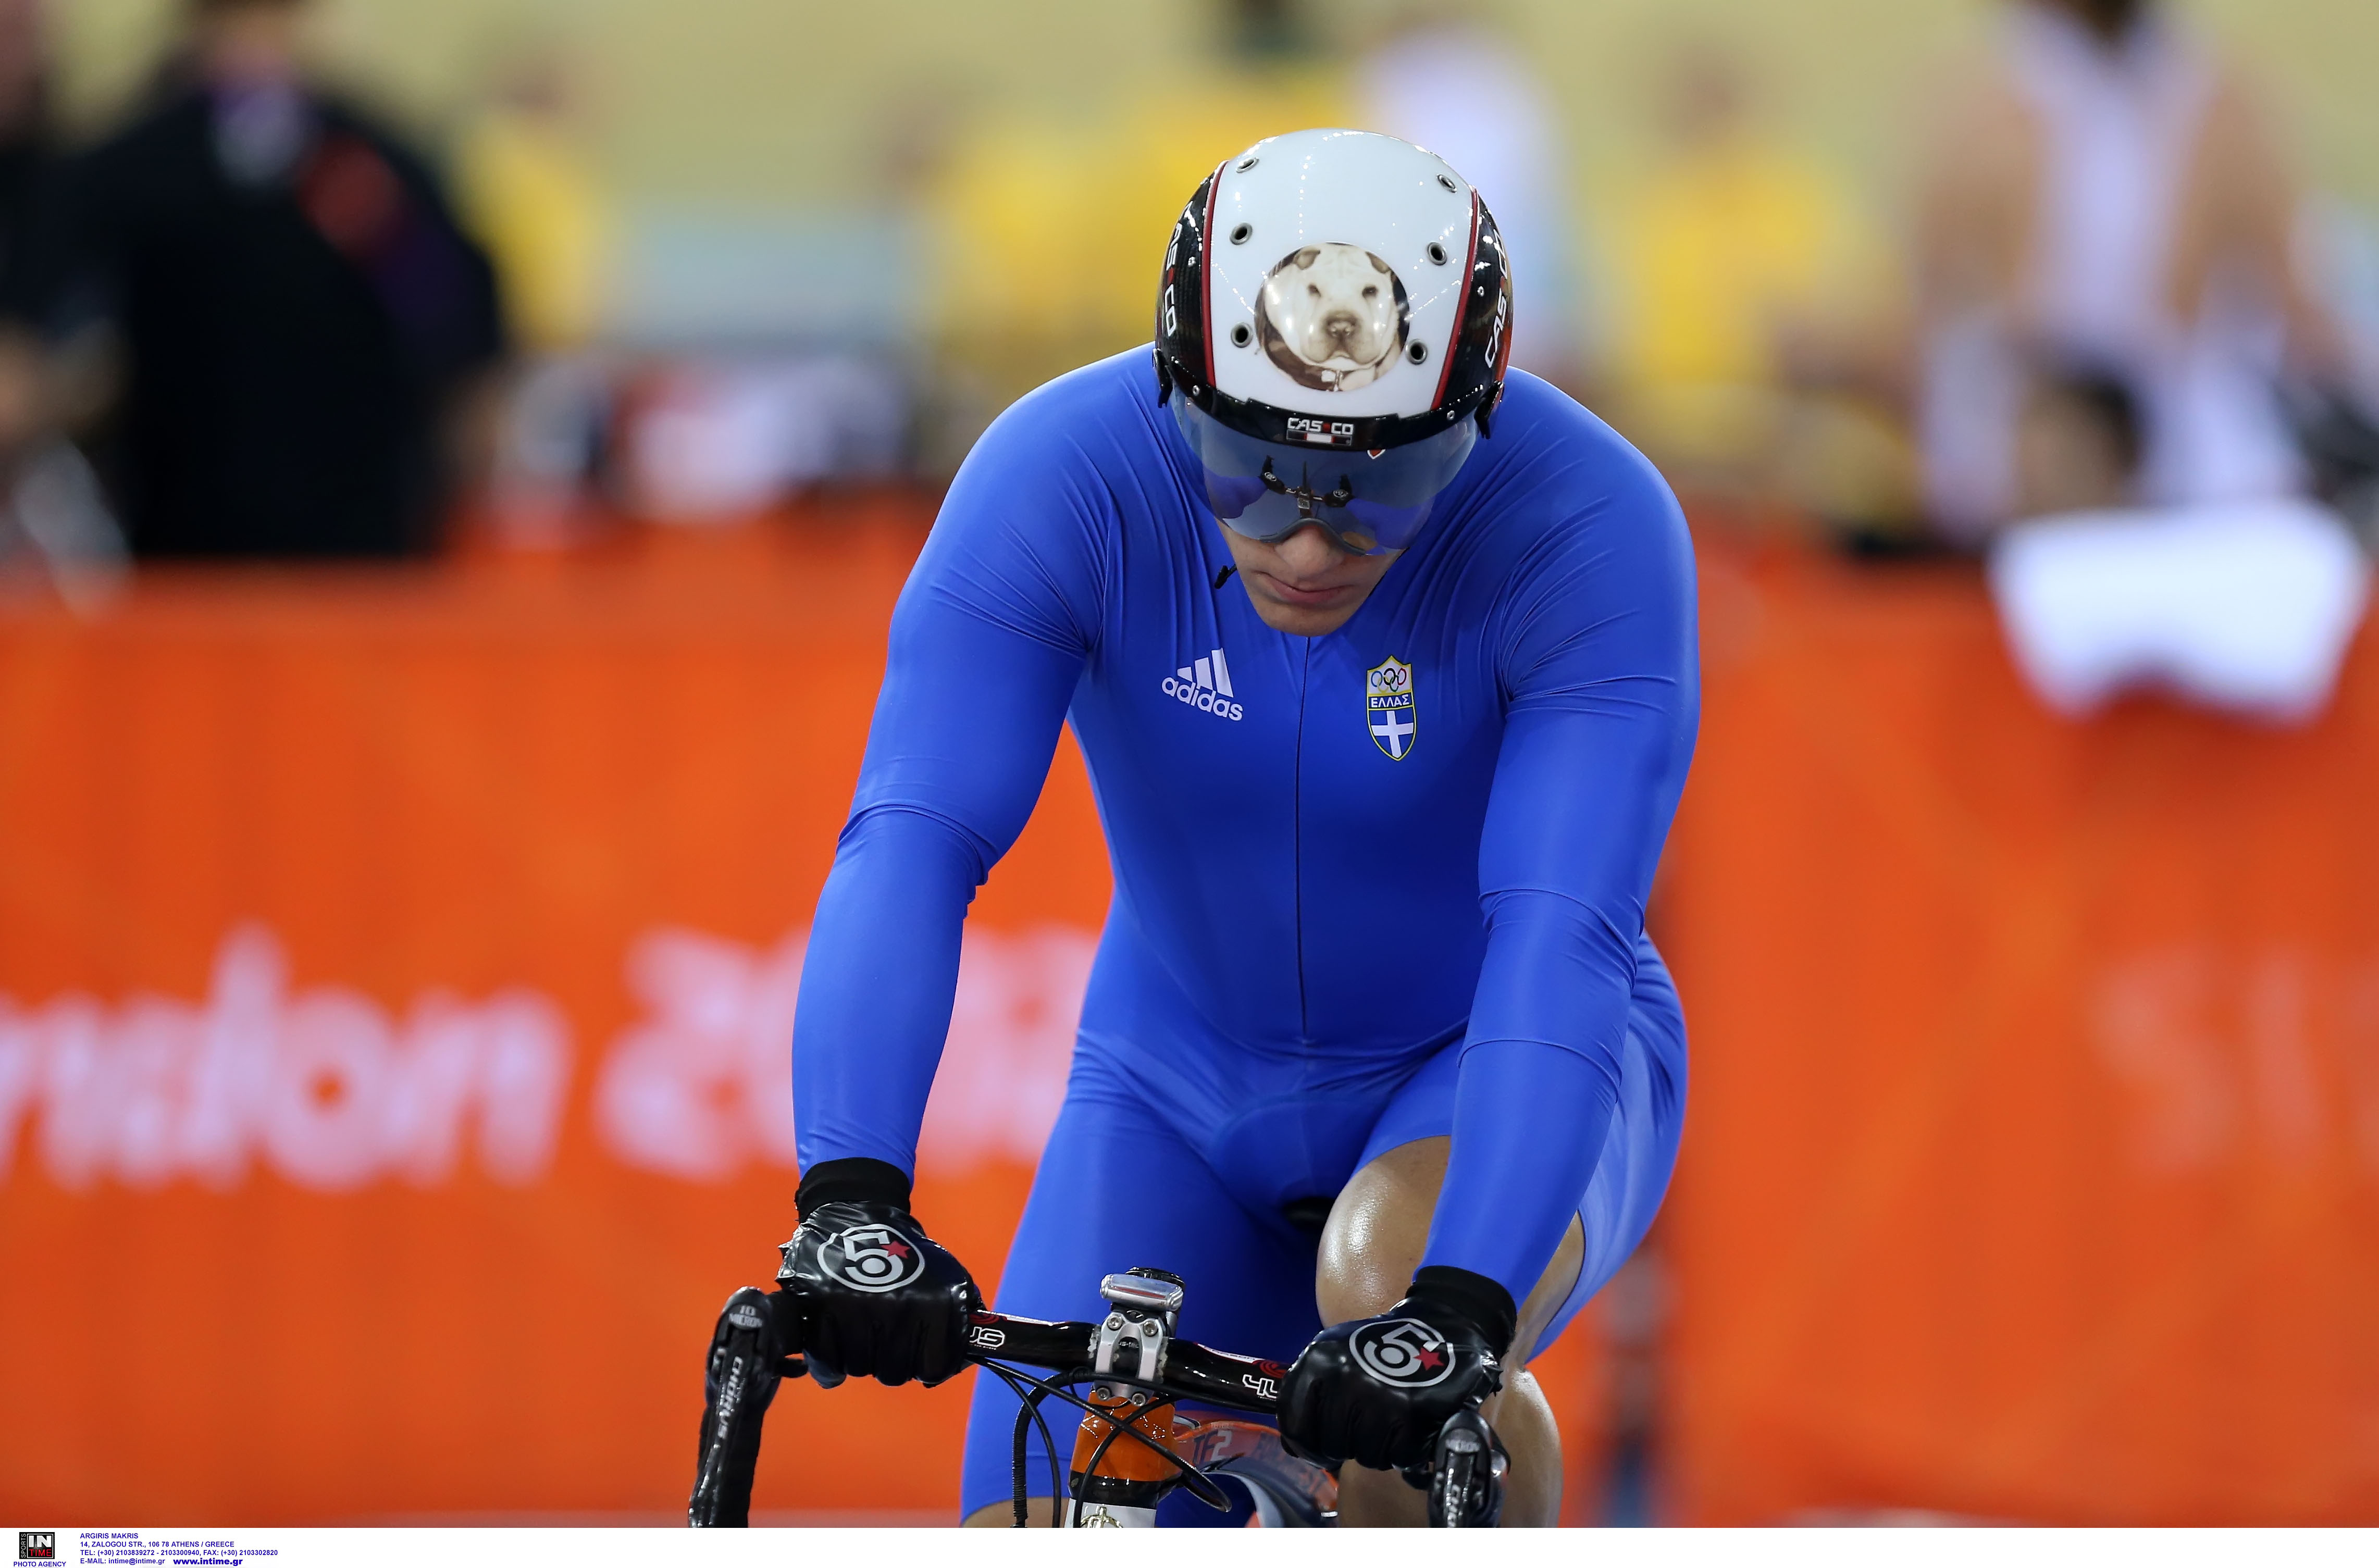 Ολυμπιακοί Αγώνες – ποδηλασία: Ο Χρήστος Βολικάκης αποκλείστηκε στη 14η θέση της κούρσας αποκλεισμού